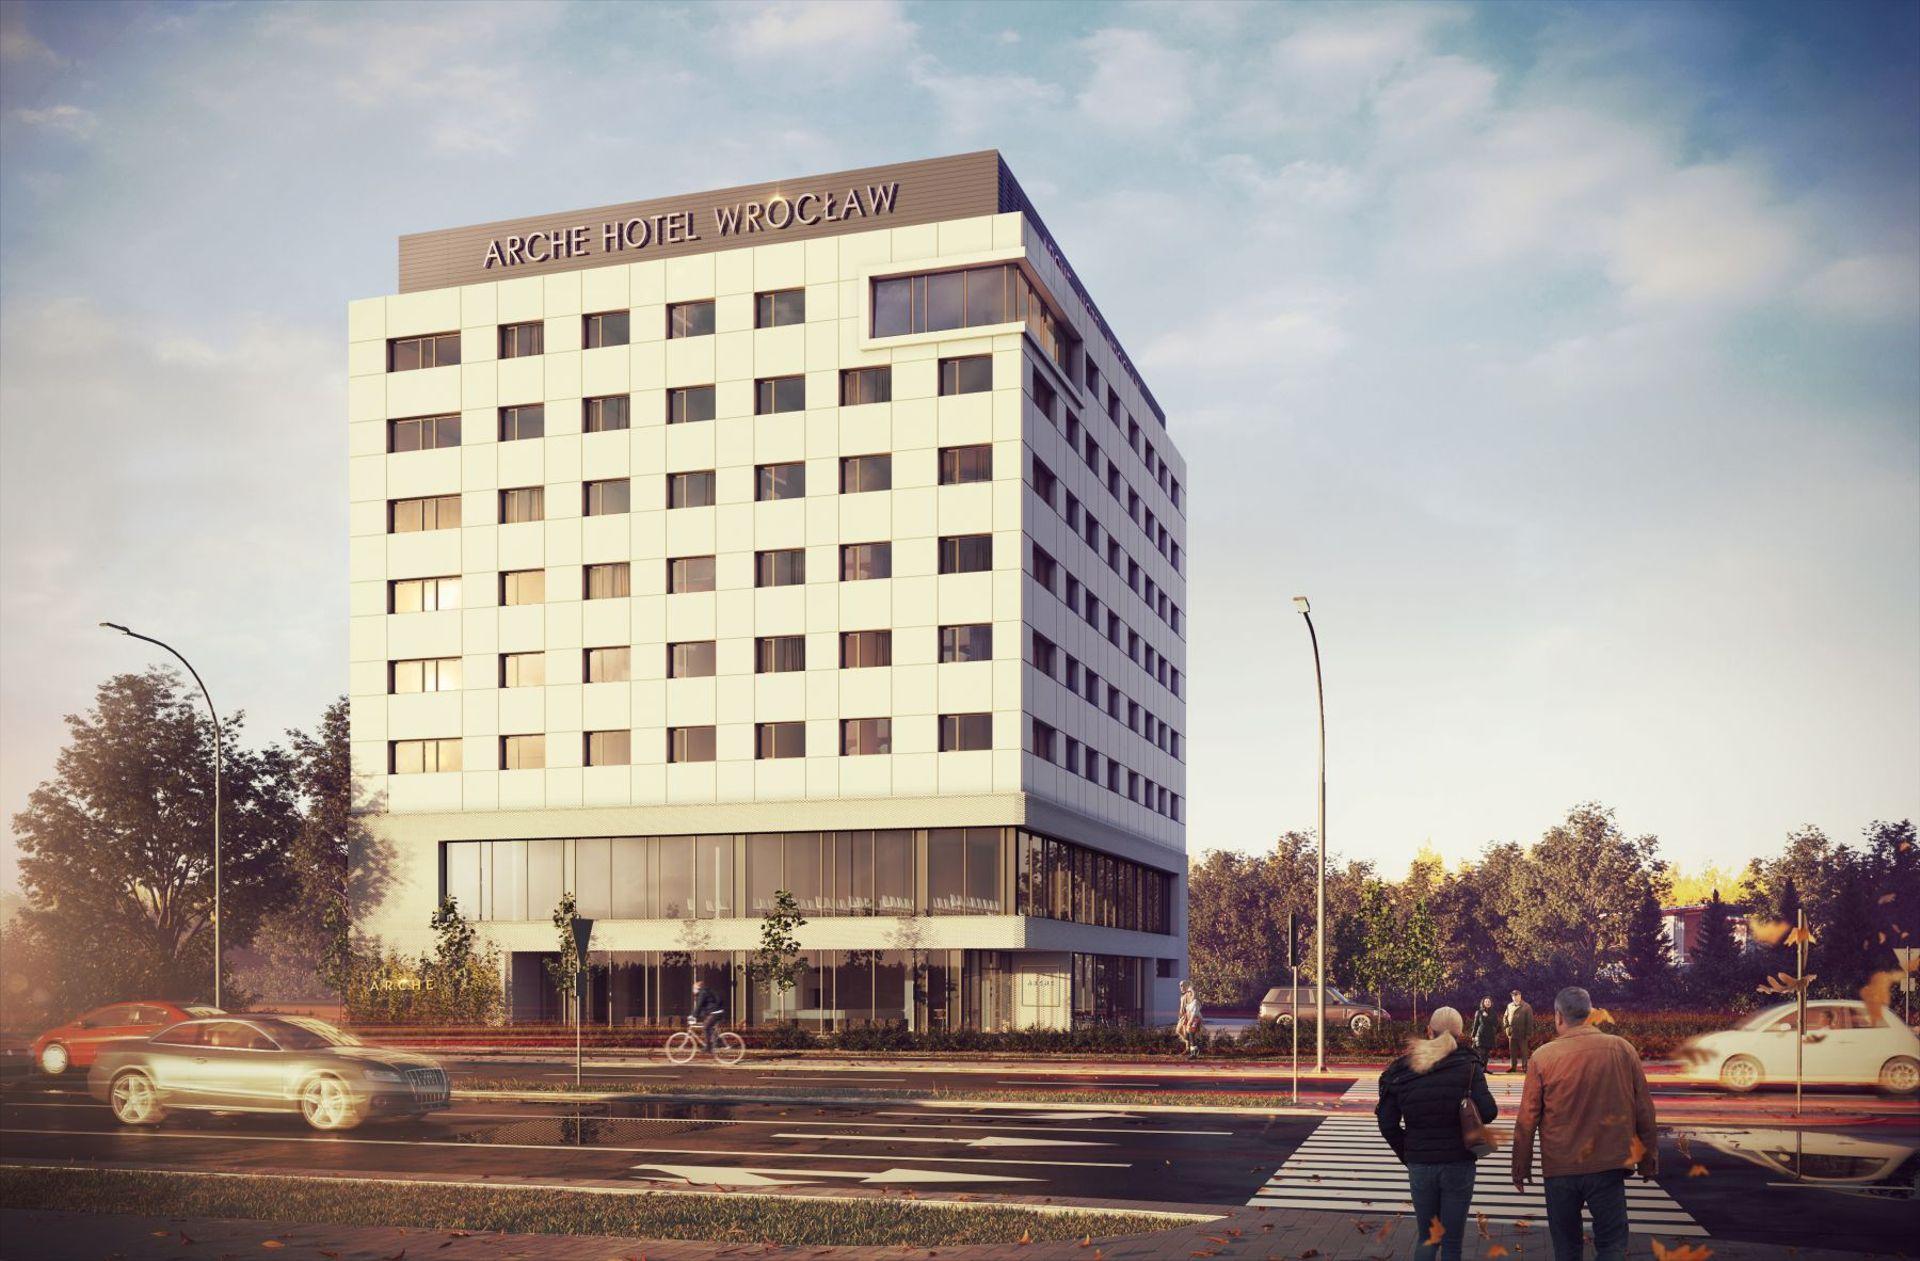 Przy lotnisku we Wrocławiu powstał nowy hotel. Wkrótce otwarcie [WIZUALIZACJE + ZDJĘCIA]